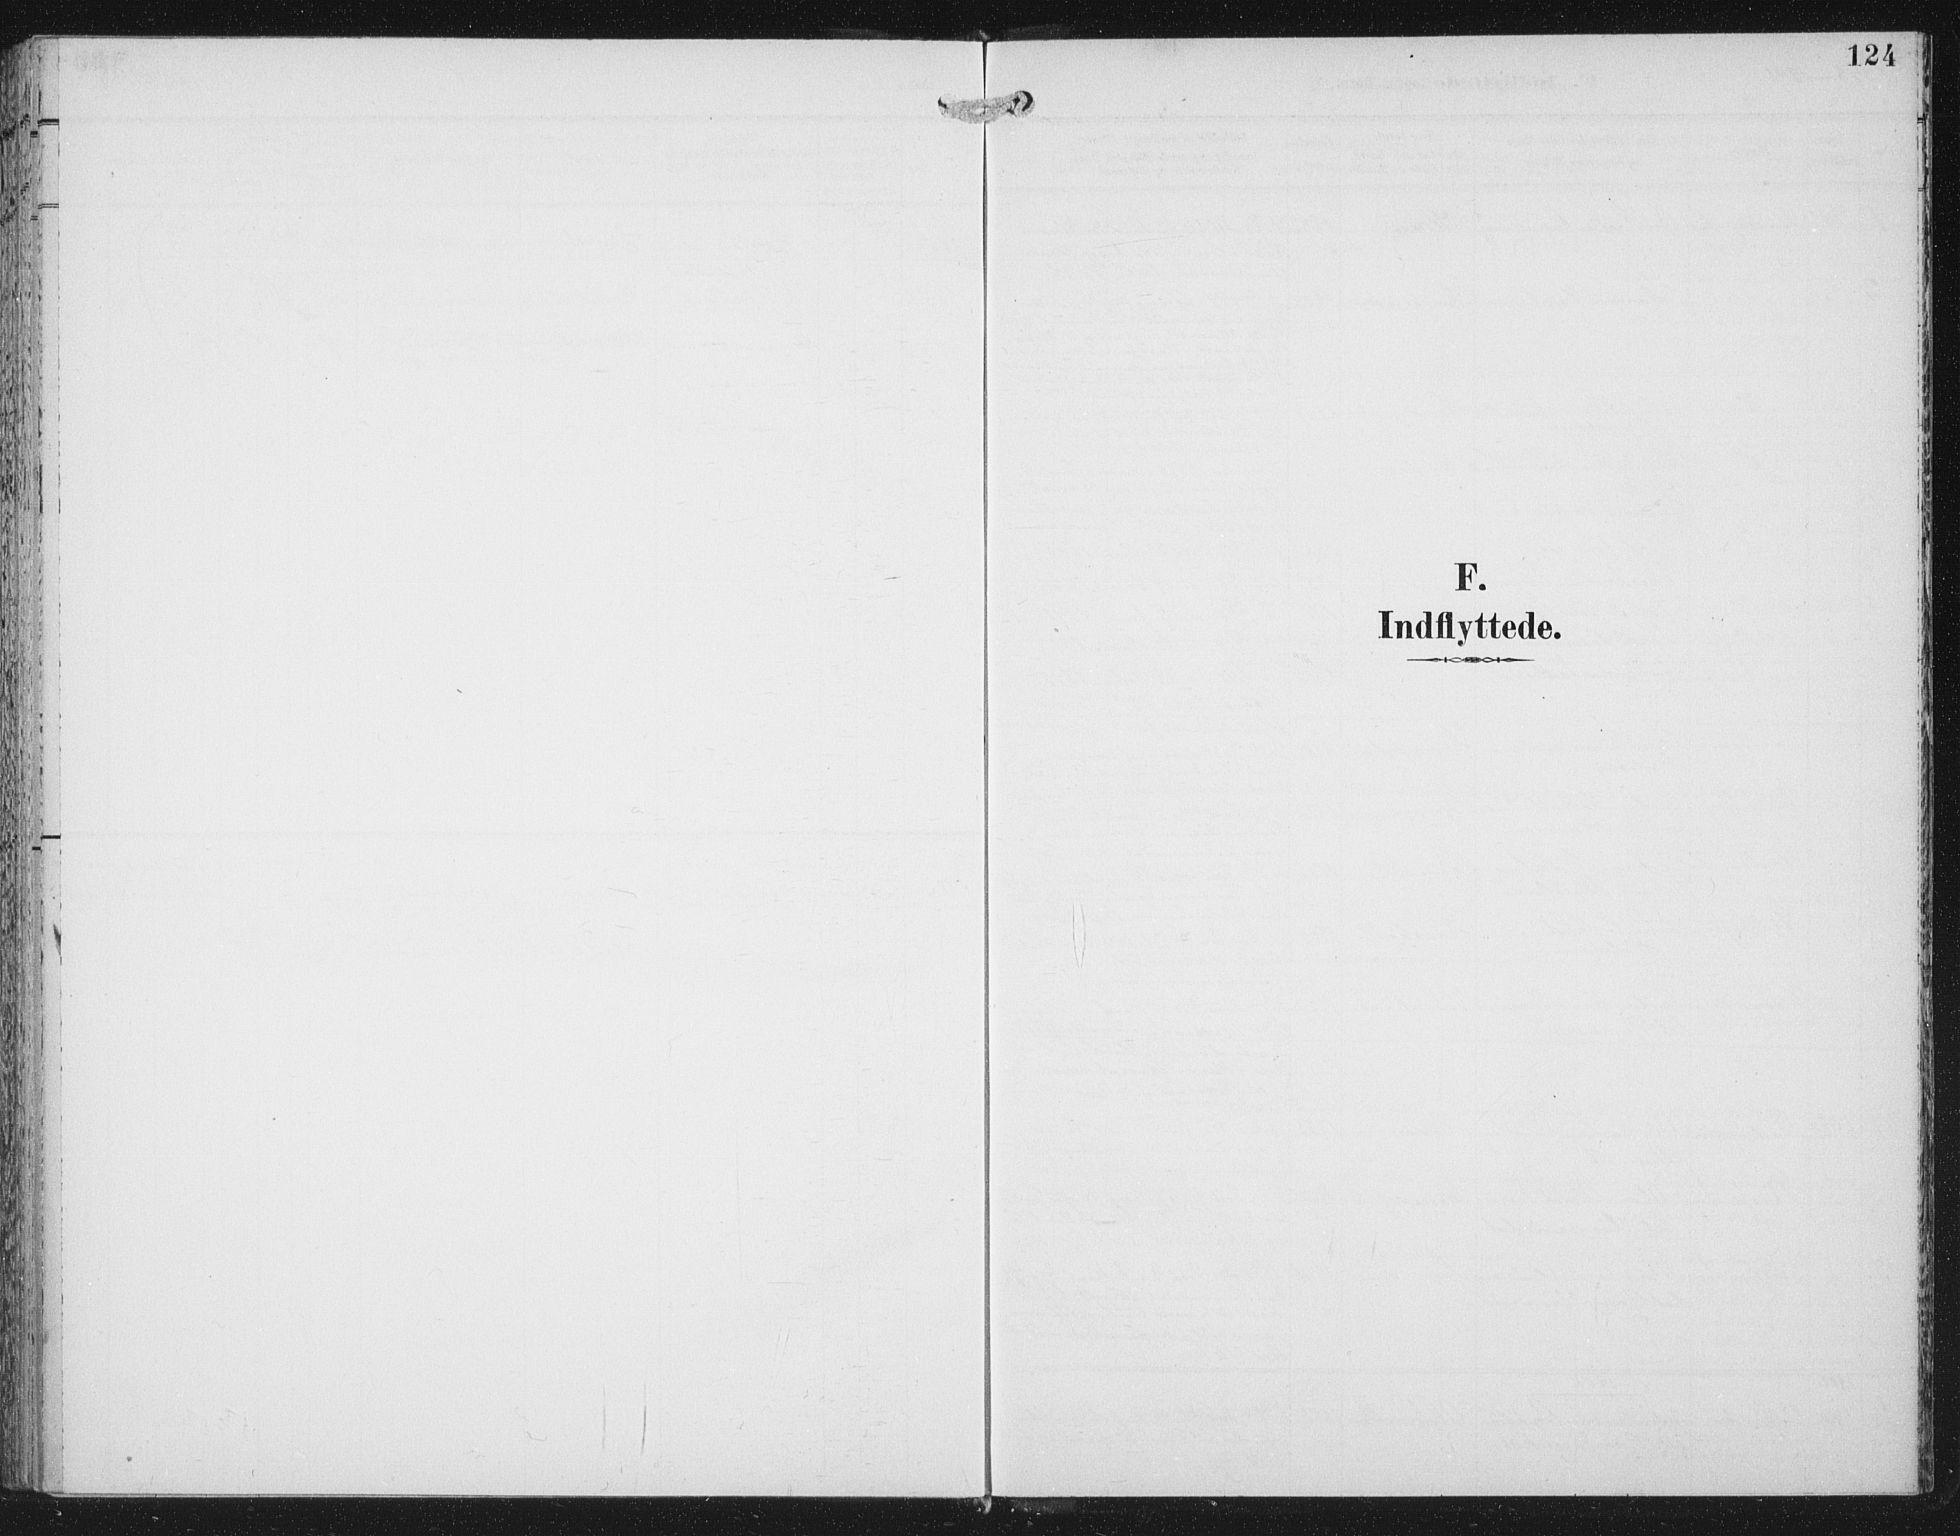 SAT, Ministerialprotokoller, klokkerbøker og fødselsregistre - Nord-Trøndelag, 702/L0024: Ministerialbok nr. 702A02, 1898-1914, s. 124